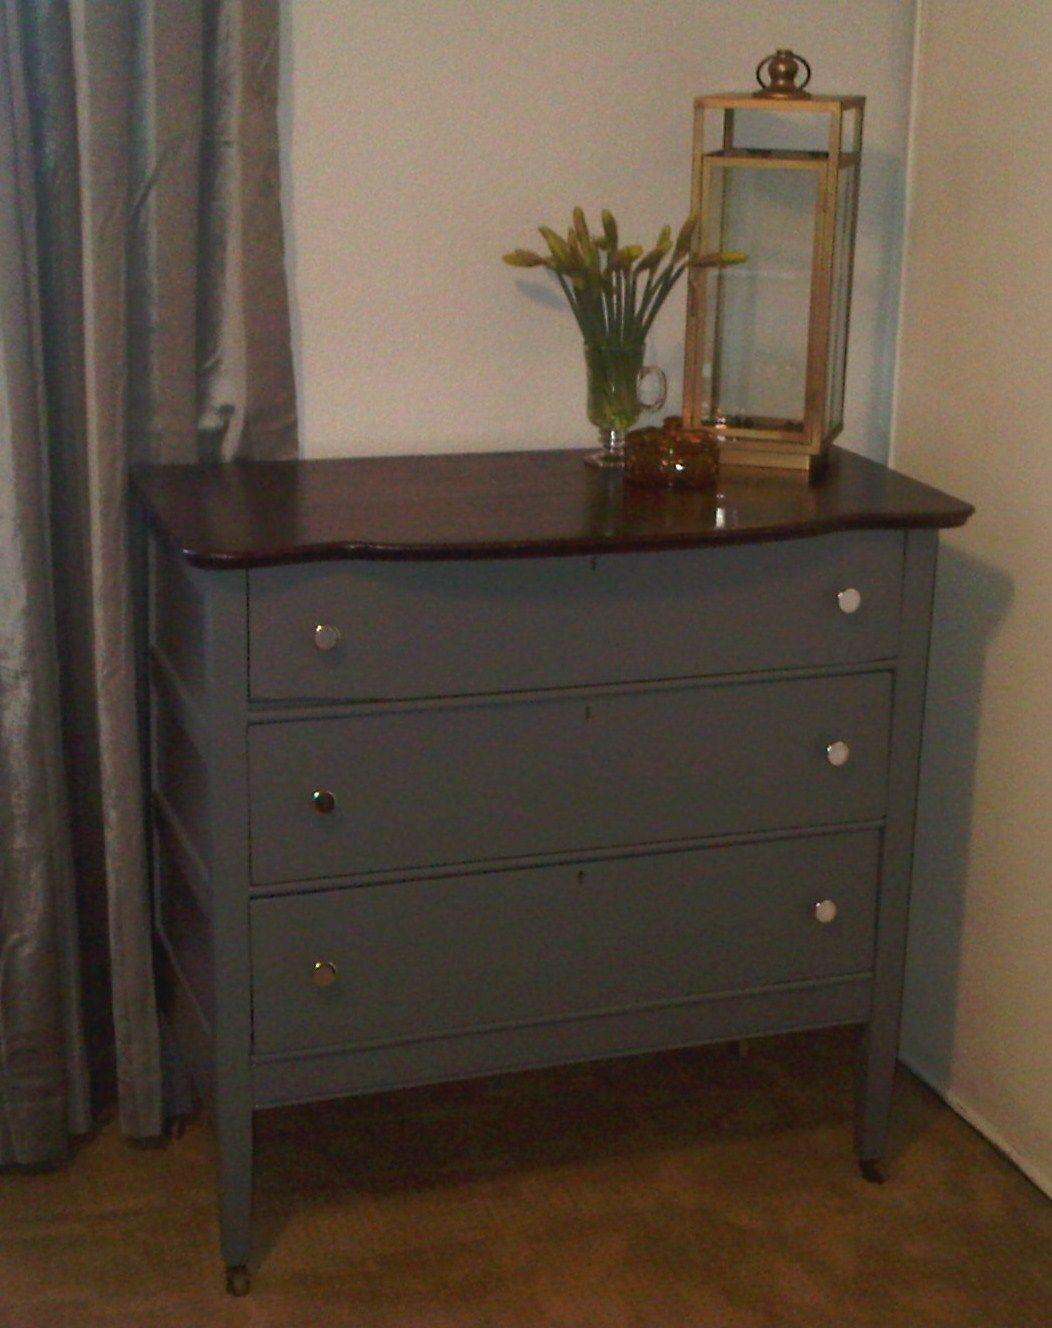 11 Great Image of Redone Bedroom Furniture . Redone Bedroom